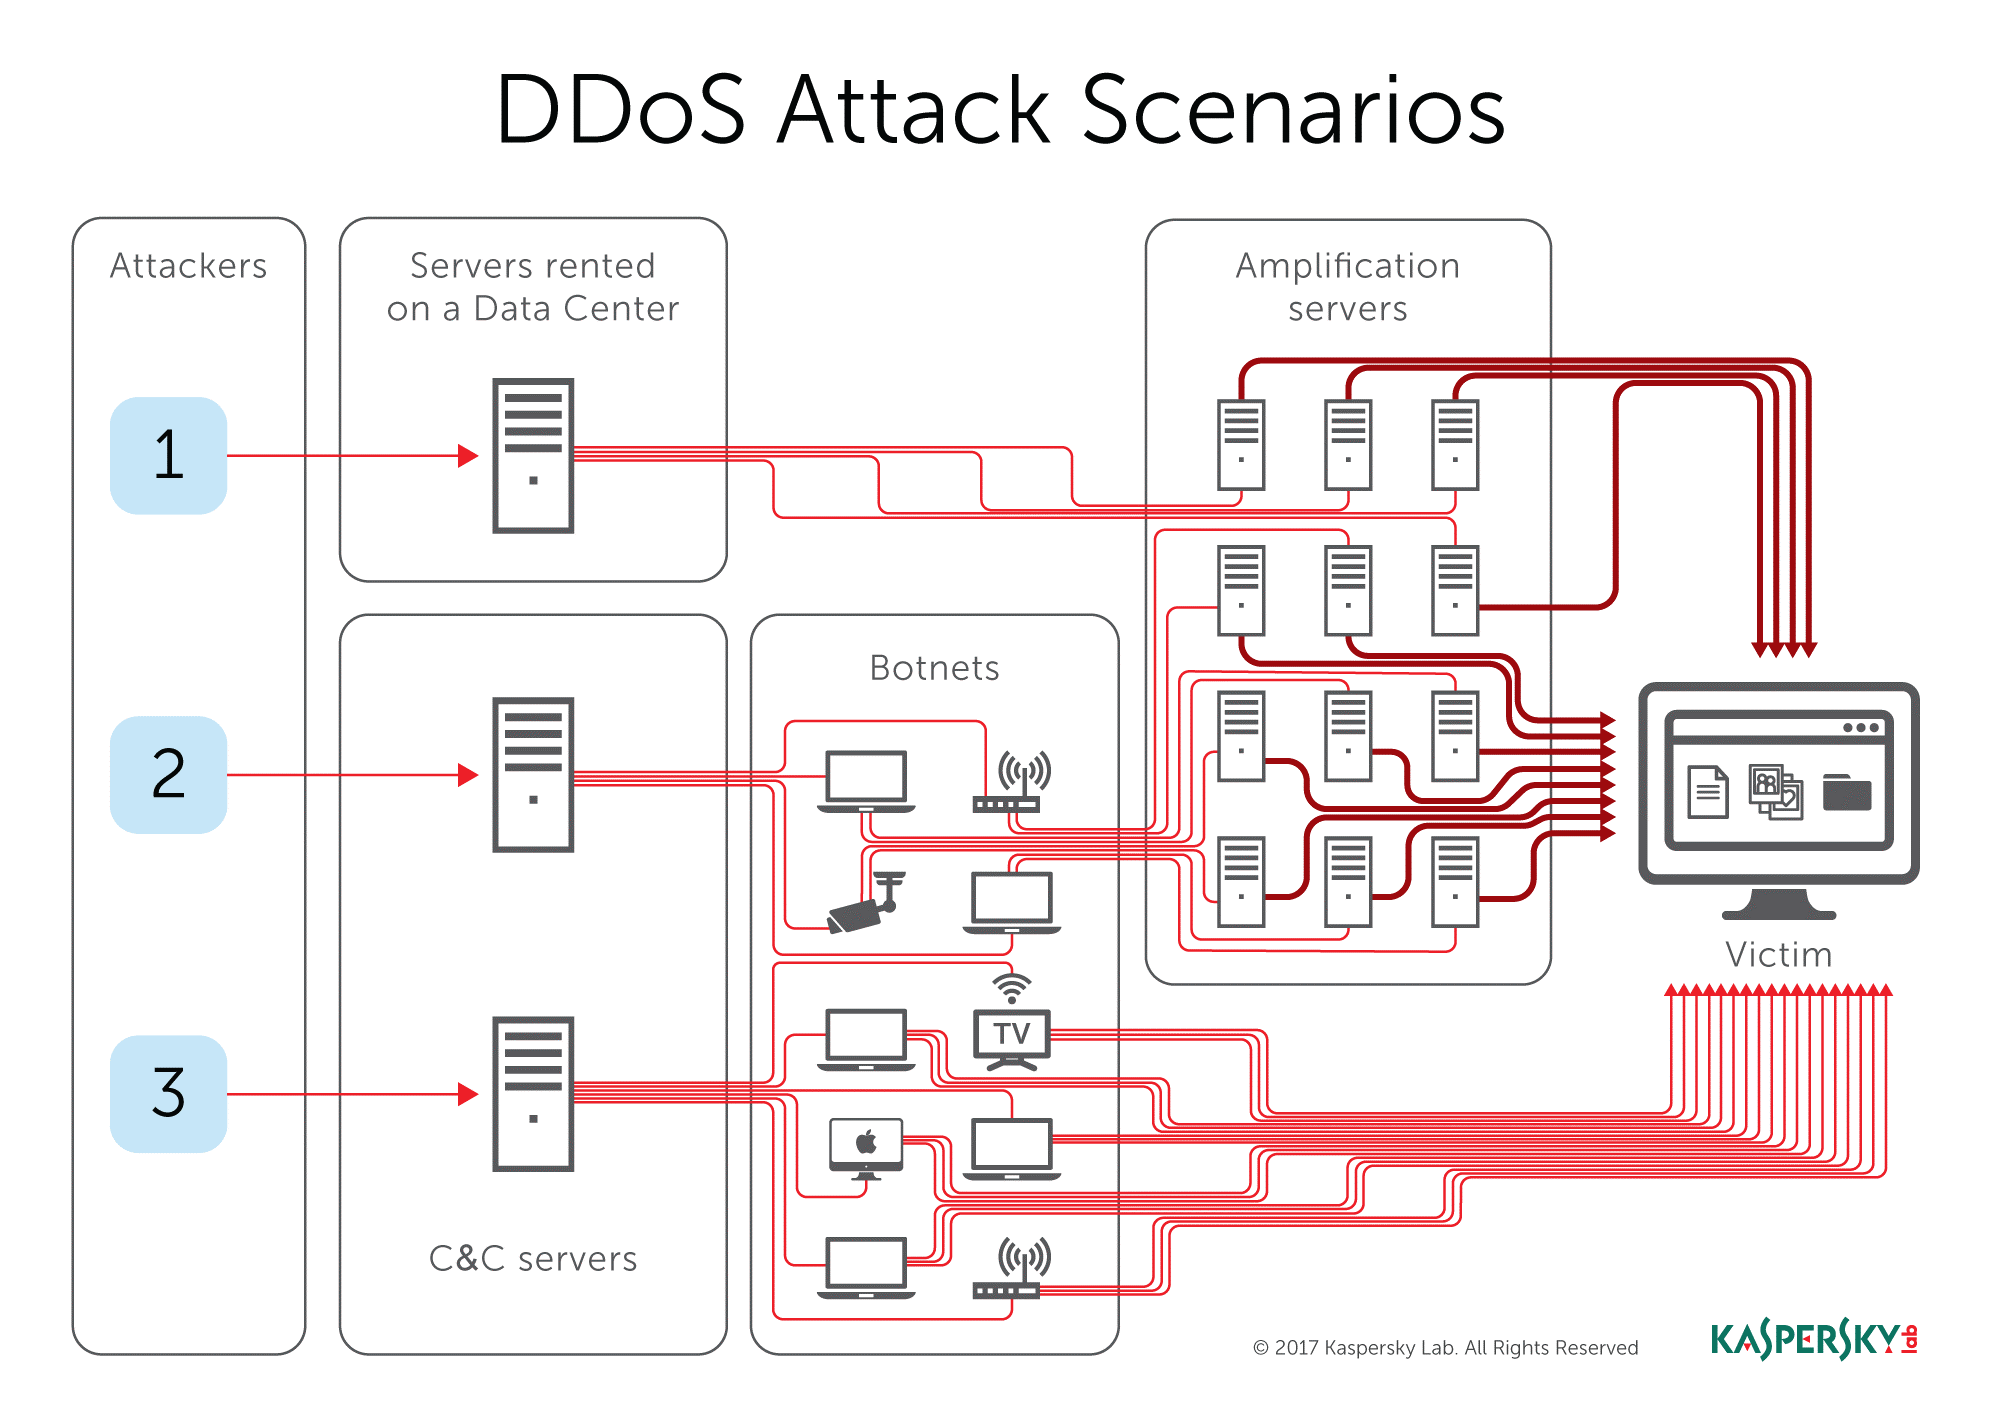 ddos-attack-scenarios-1.png